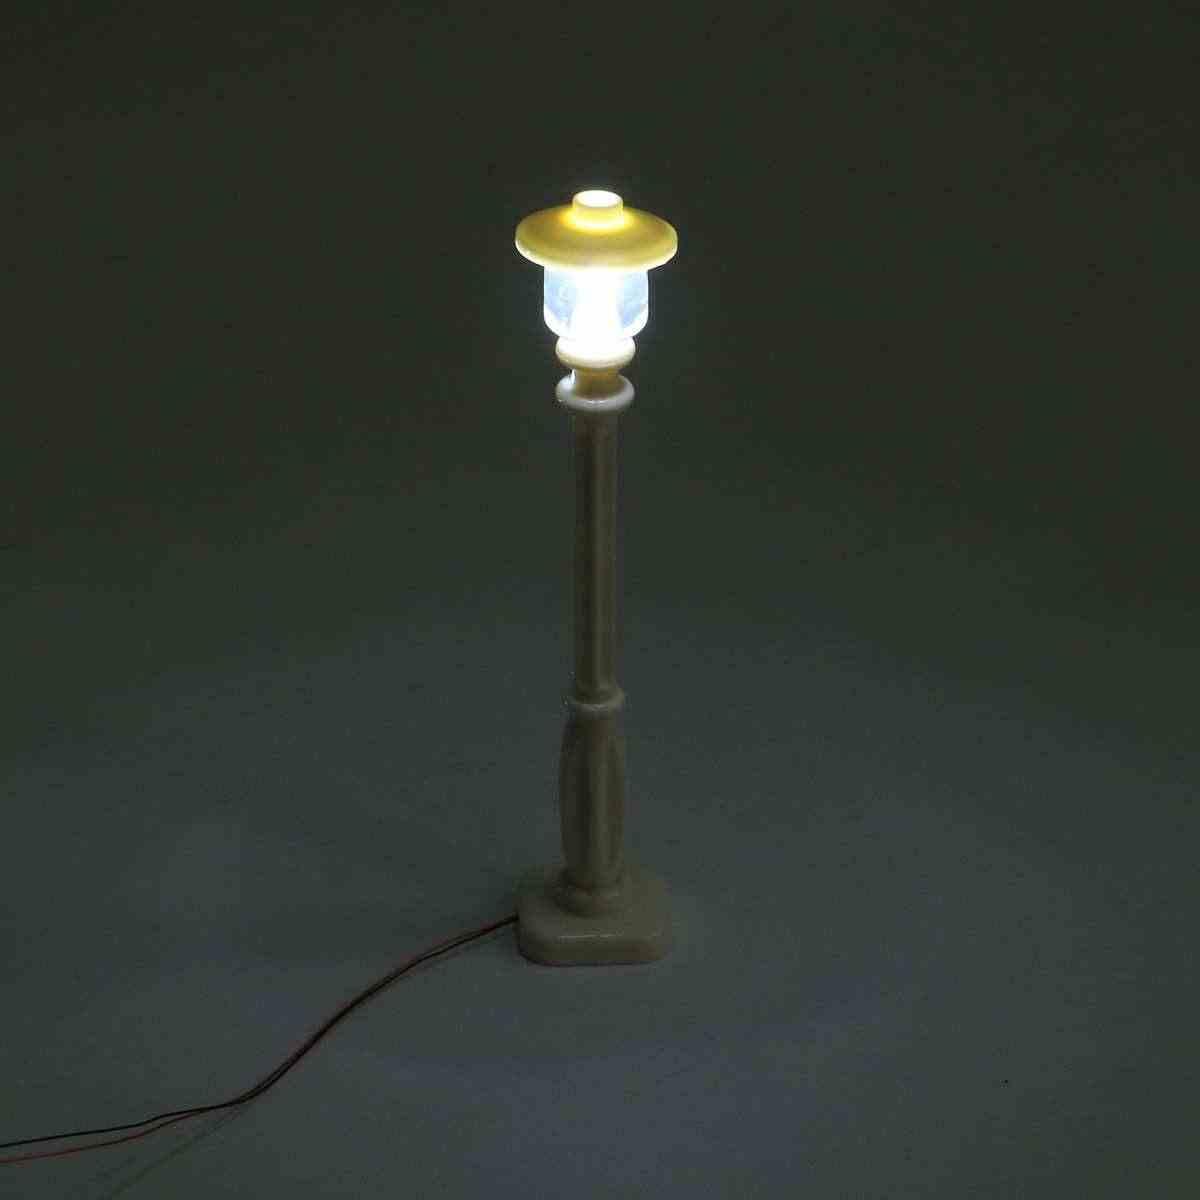 Zestaw oświetlenia LED oświetlenie zestaw dla Lego dla 10251 cegły do banku modelu (tylko światło w zestawie)